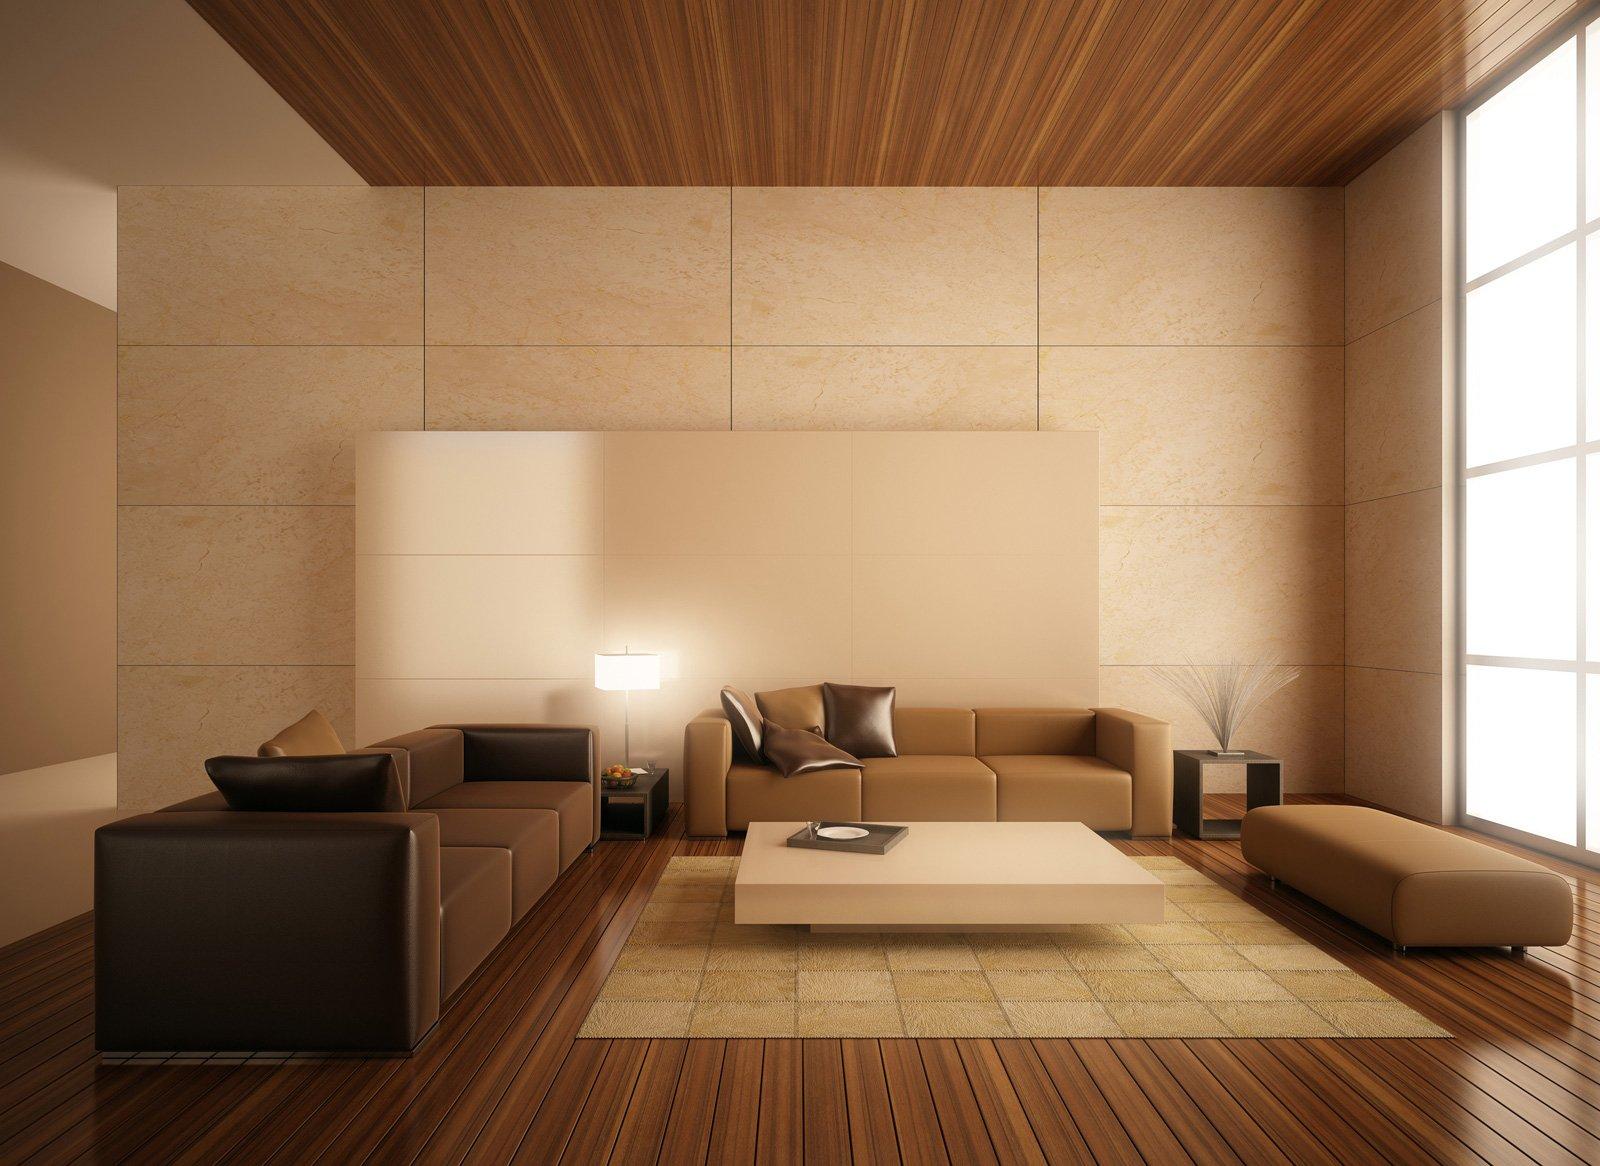 Los techos pueden ser decorativos llorente arquitectura interior - Room ceiling decoration ideas ...